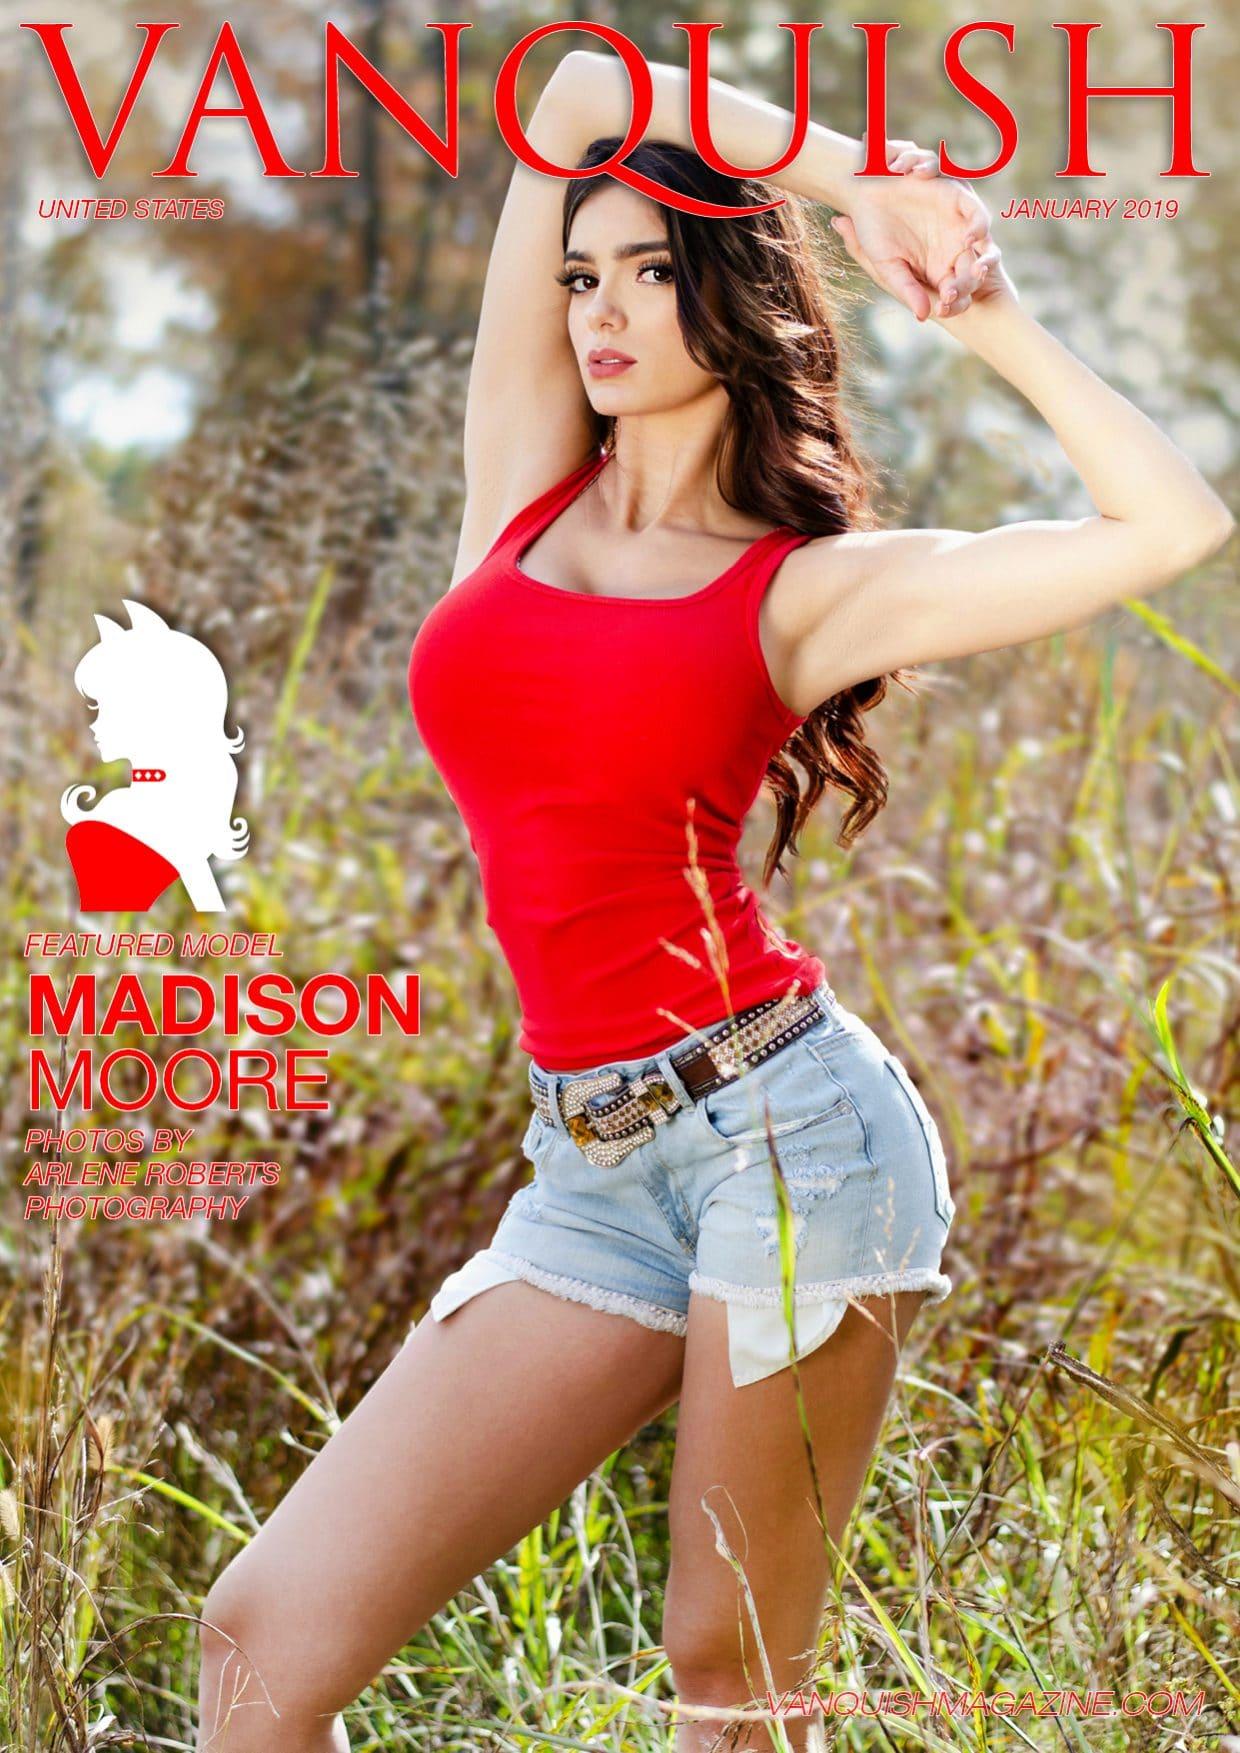 Vanquish Magazine - January 2019 - Madison Moore 1